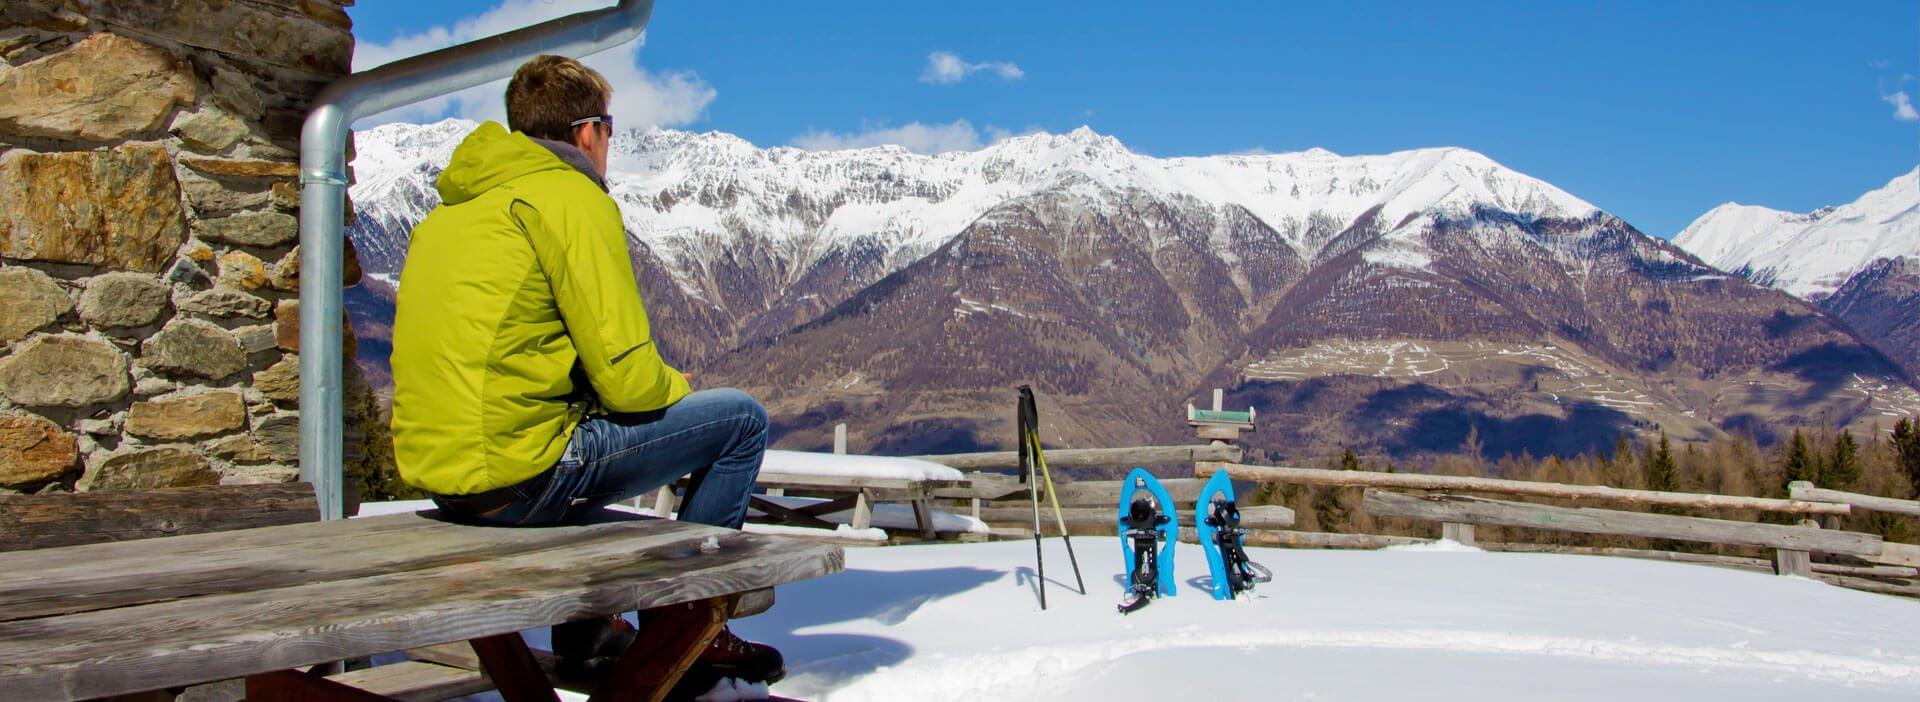 winterurlaub-vinschgau-01